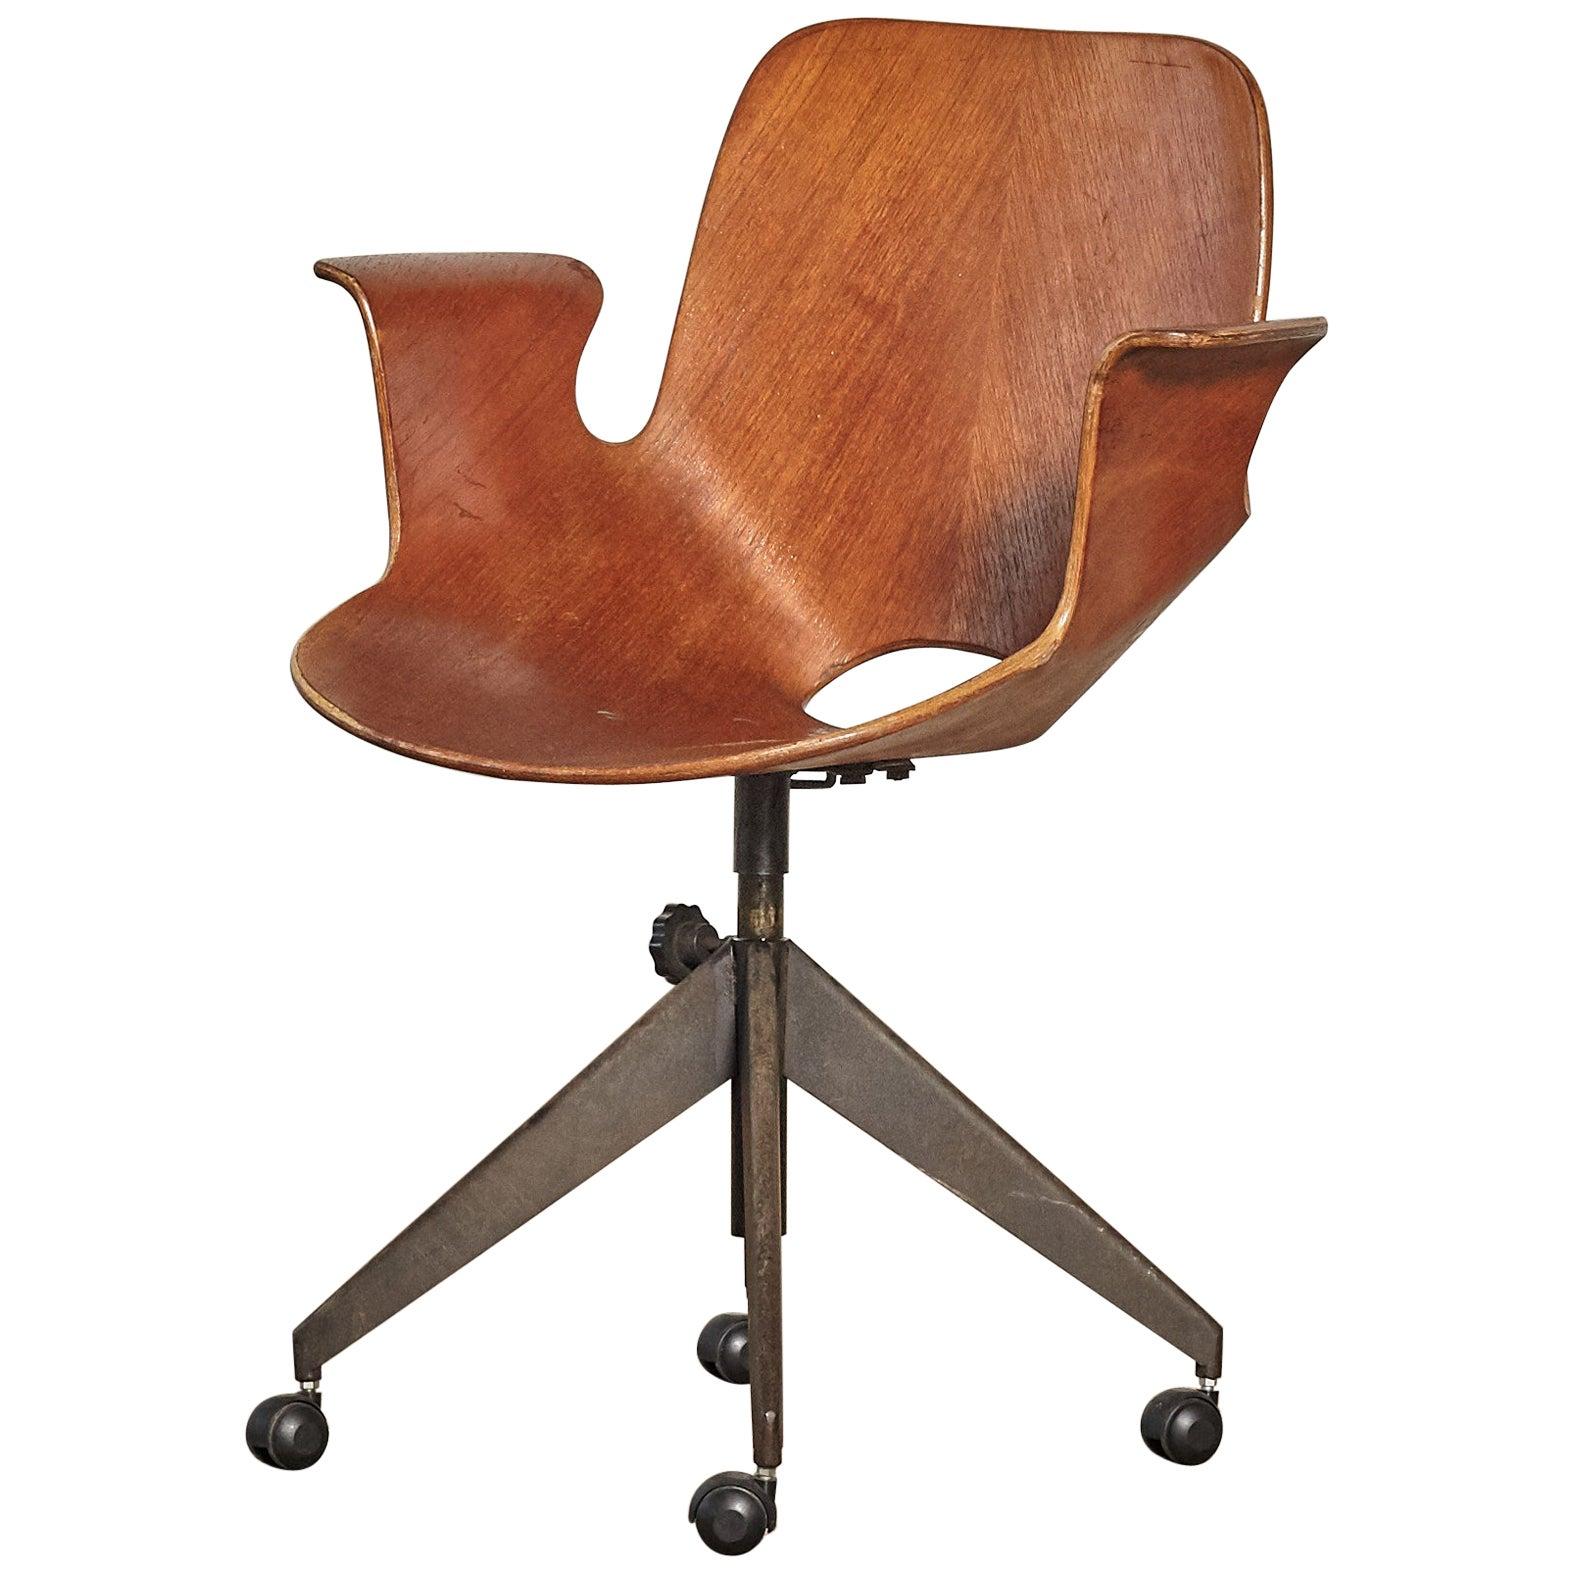 Vittorio Nobili for Fratelli Tagliabue Medea Desk Chair, Italy, 1950s